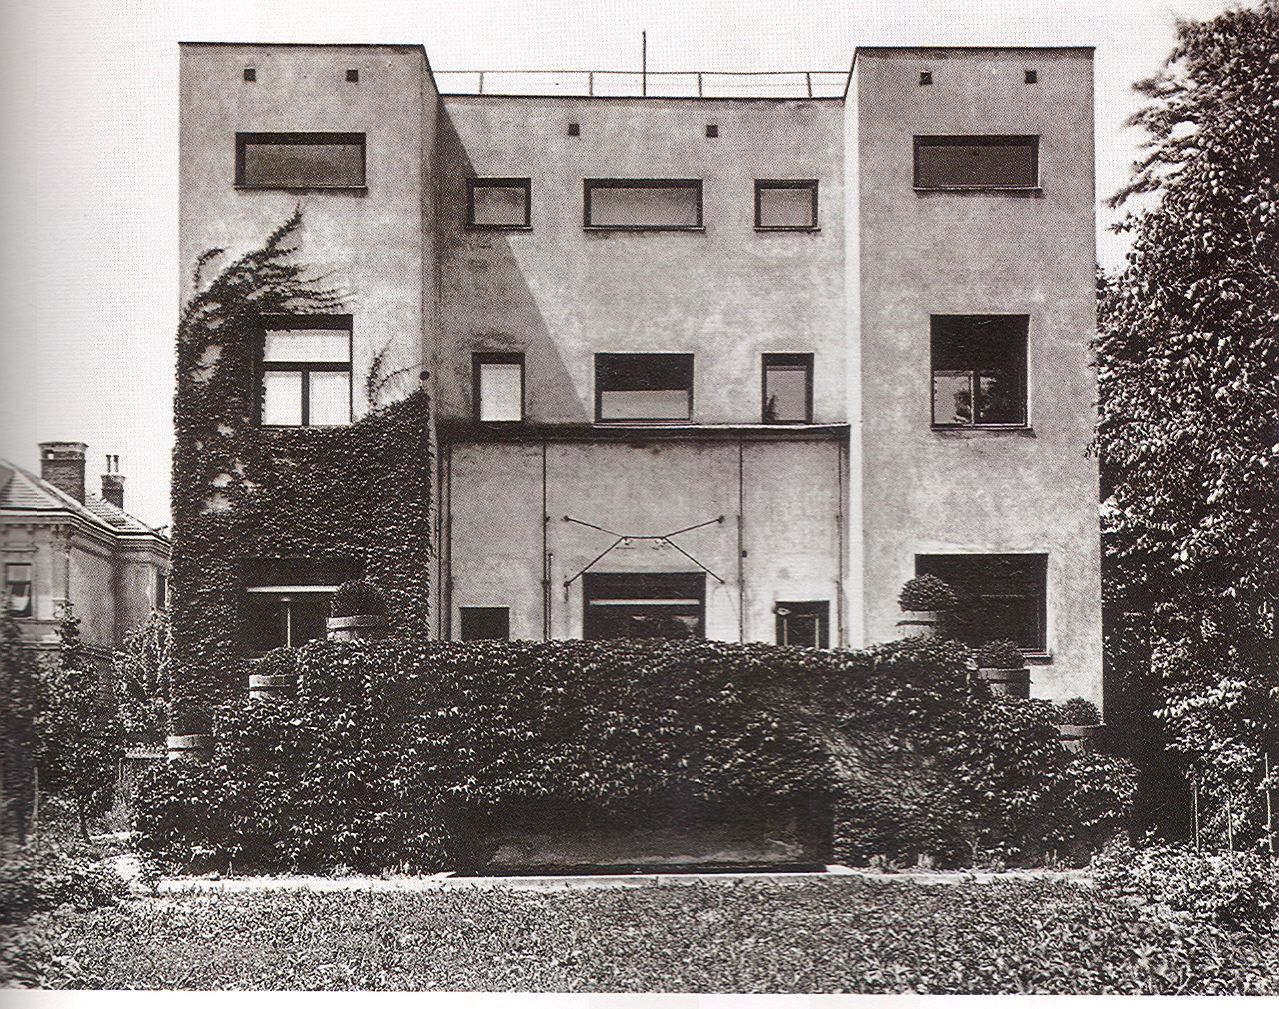 Casa steiner viena 1910 convertida en un icono de la for Arquitectura moderna casas